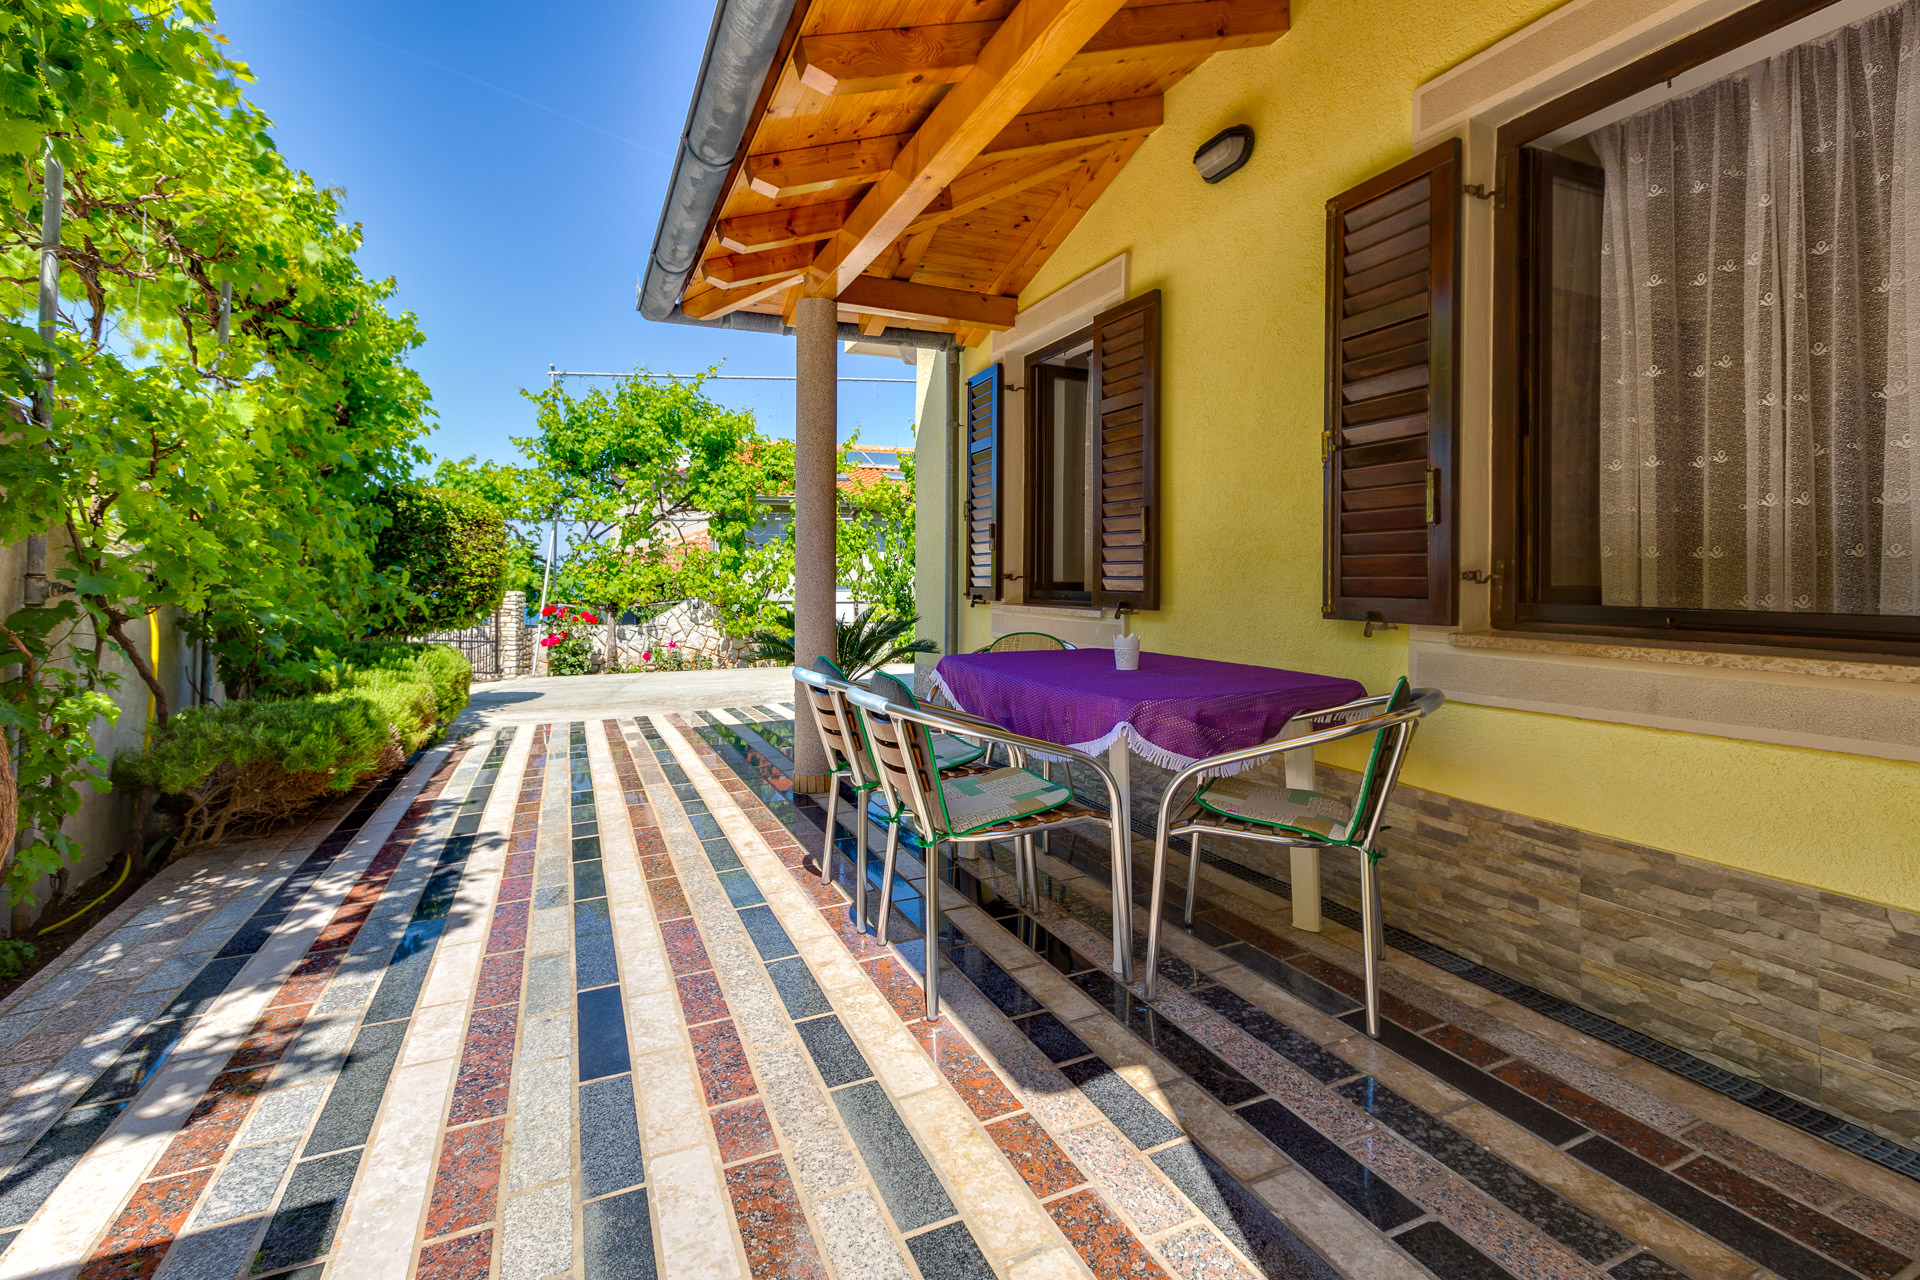 Lussino appartamenti vacanze, Mali Losinj case vacanza affitto